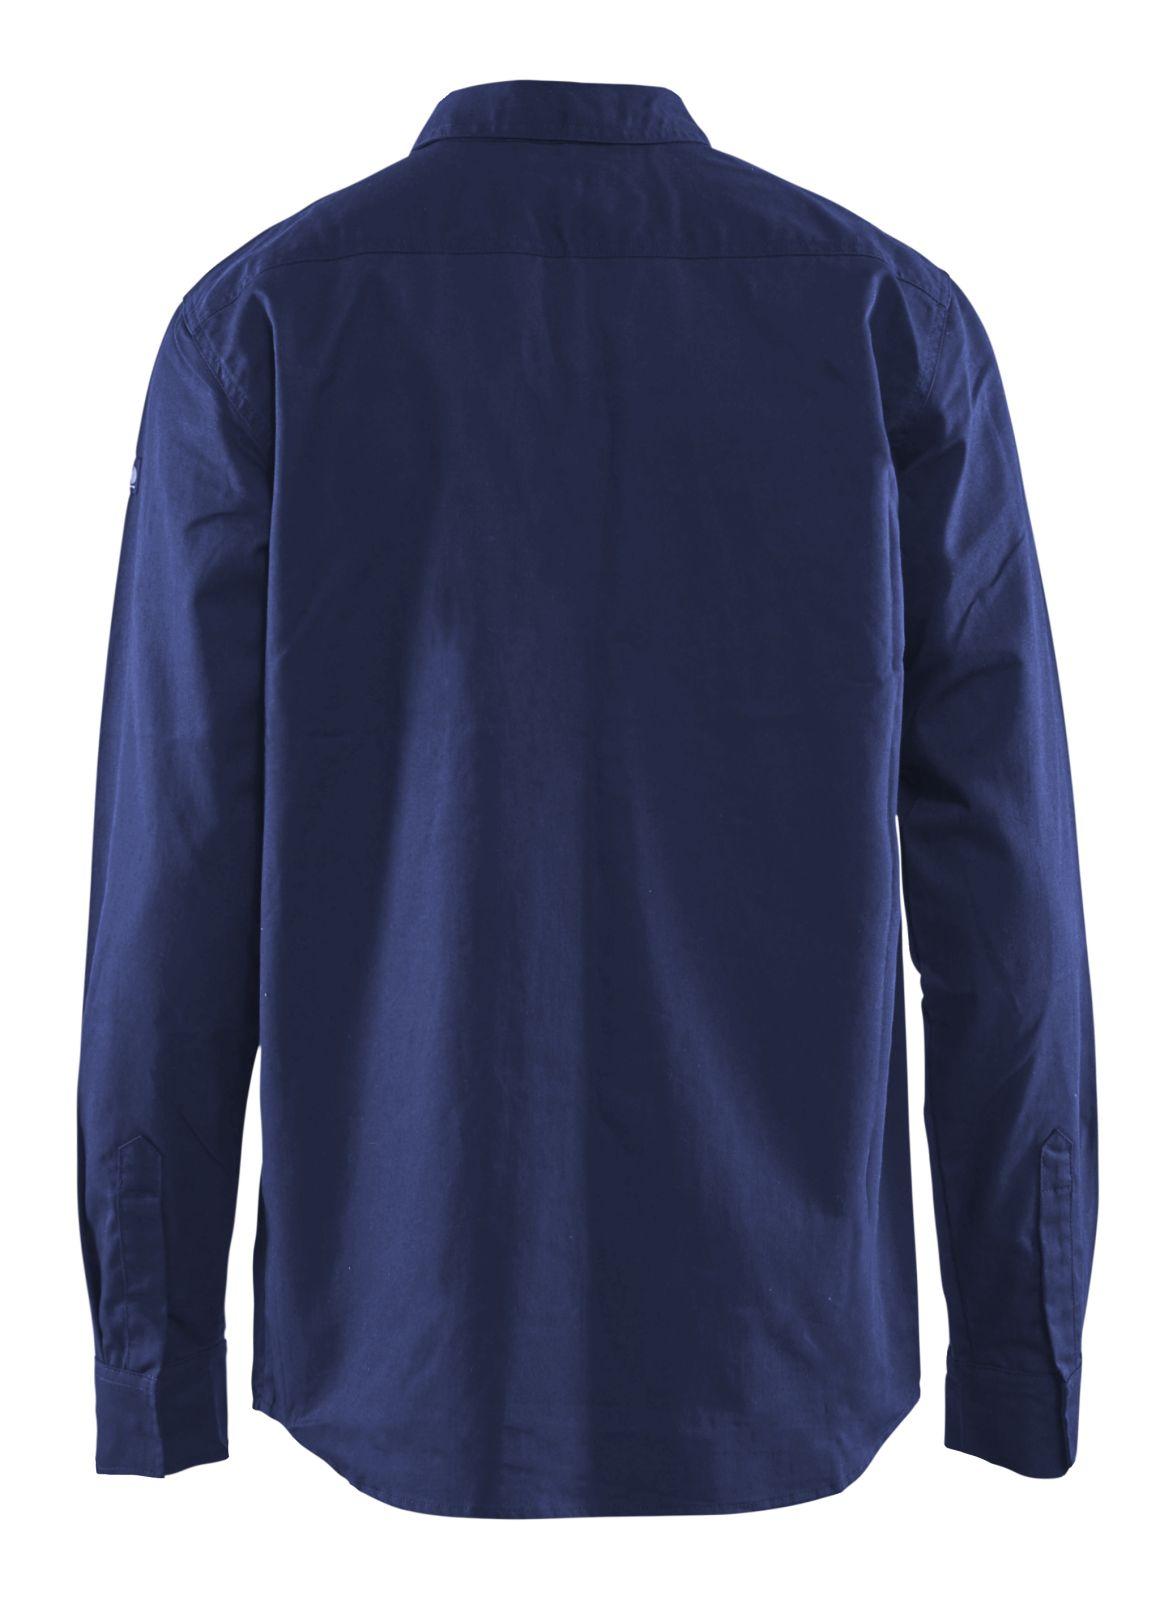 Blaklader Overhemden 32261504 Vlamvertragend marineblauw(8900)